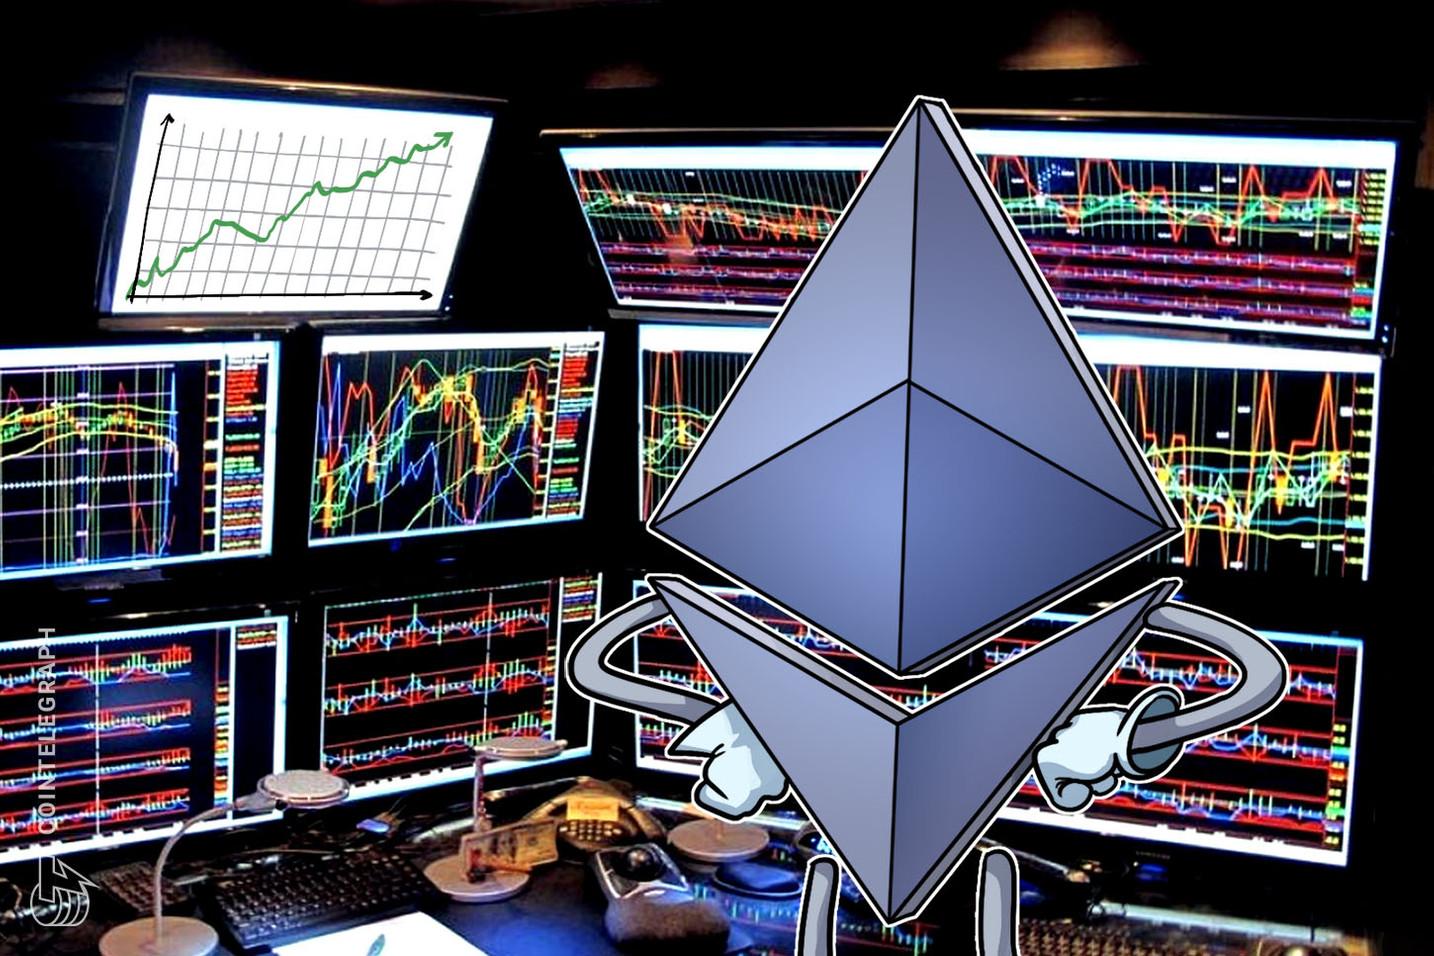 DeFi Piyasalarında Tutulan Kriptonun Değeri 1 Milyar Dolara Ulaştı